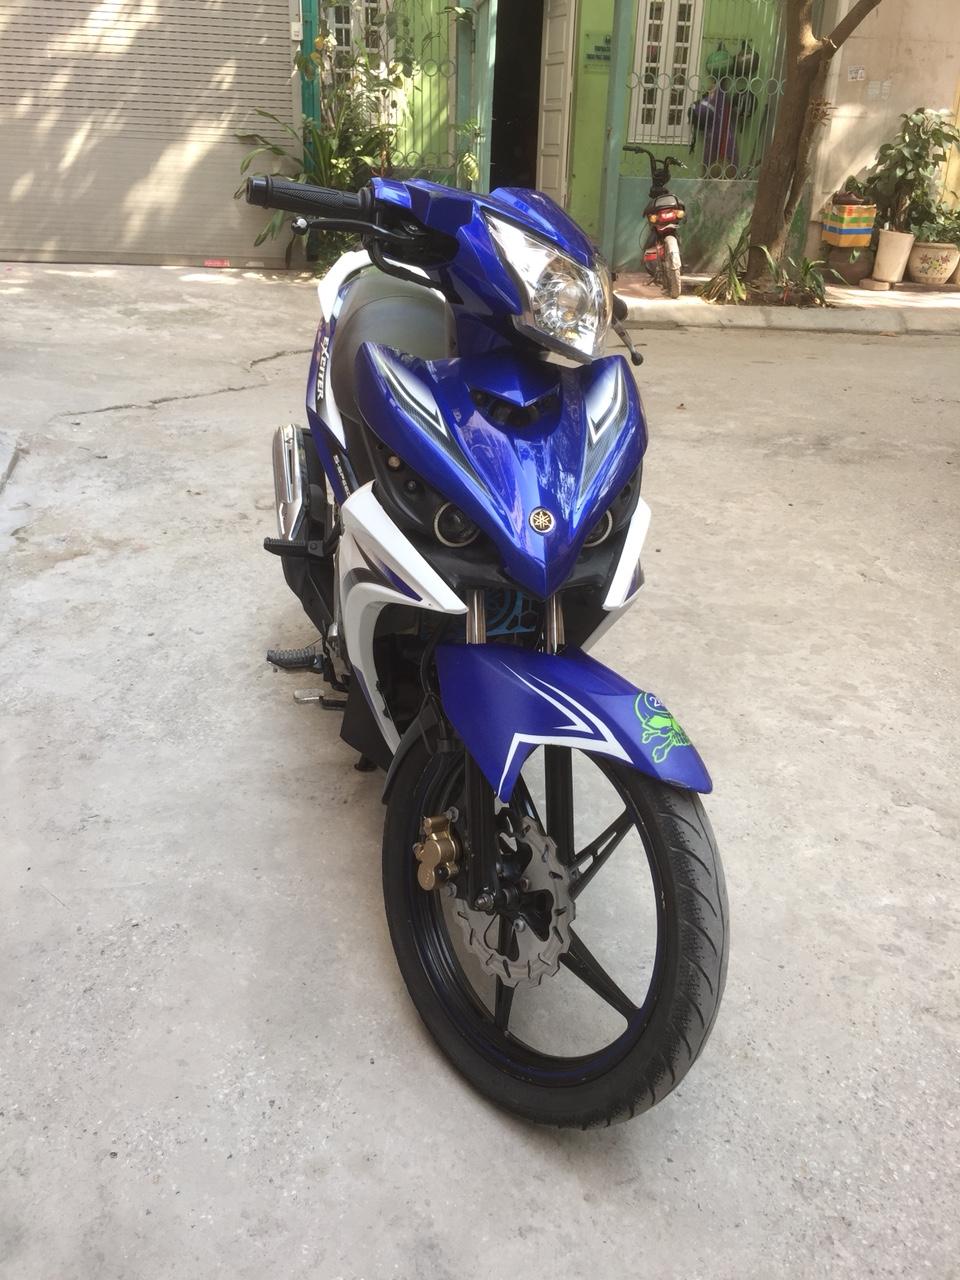 Ban xe Yamaha Exciter 135 GP may nguyen ban cuc chat dang dung tot - 2